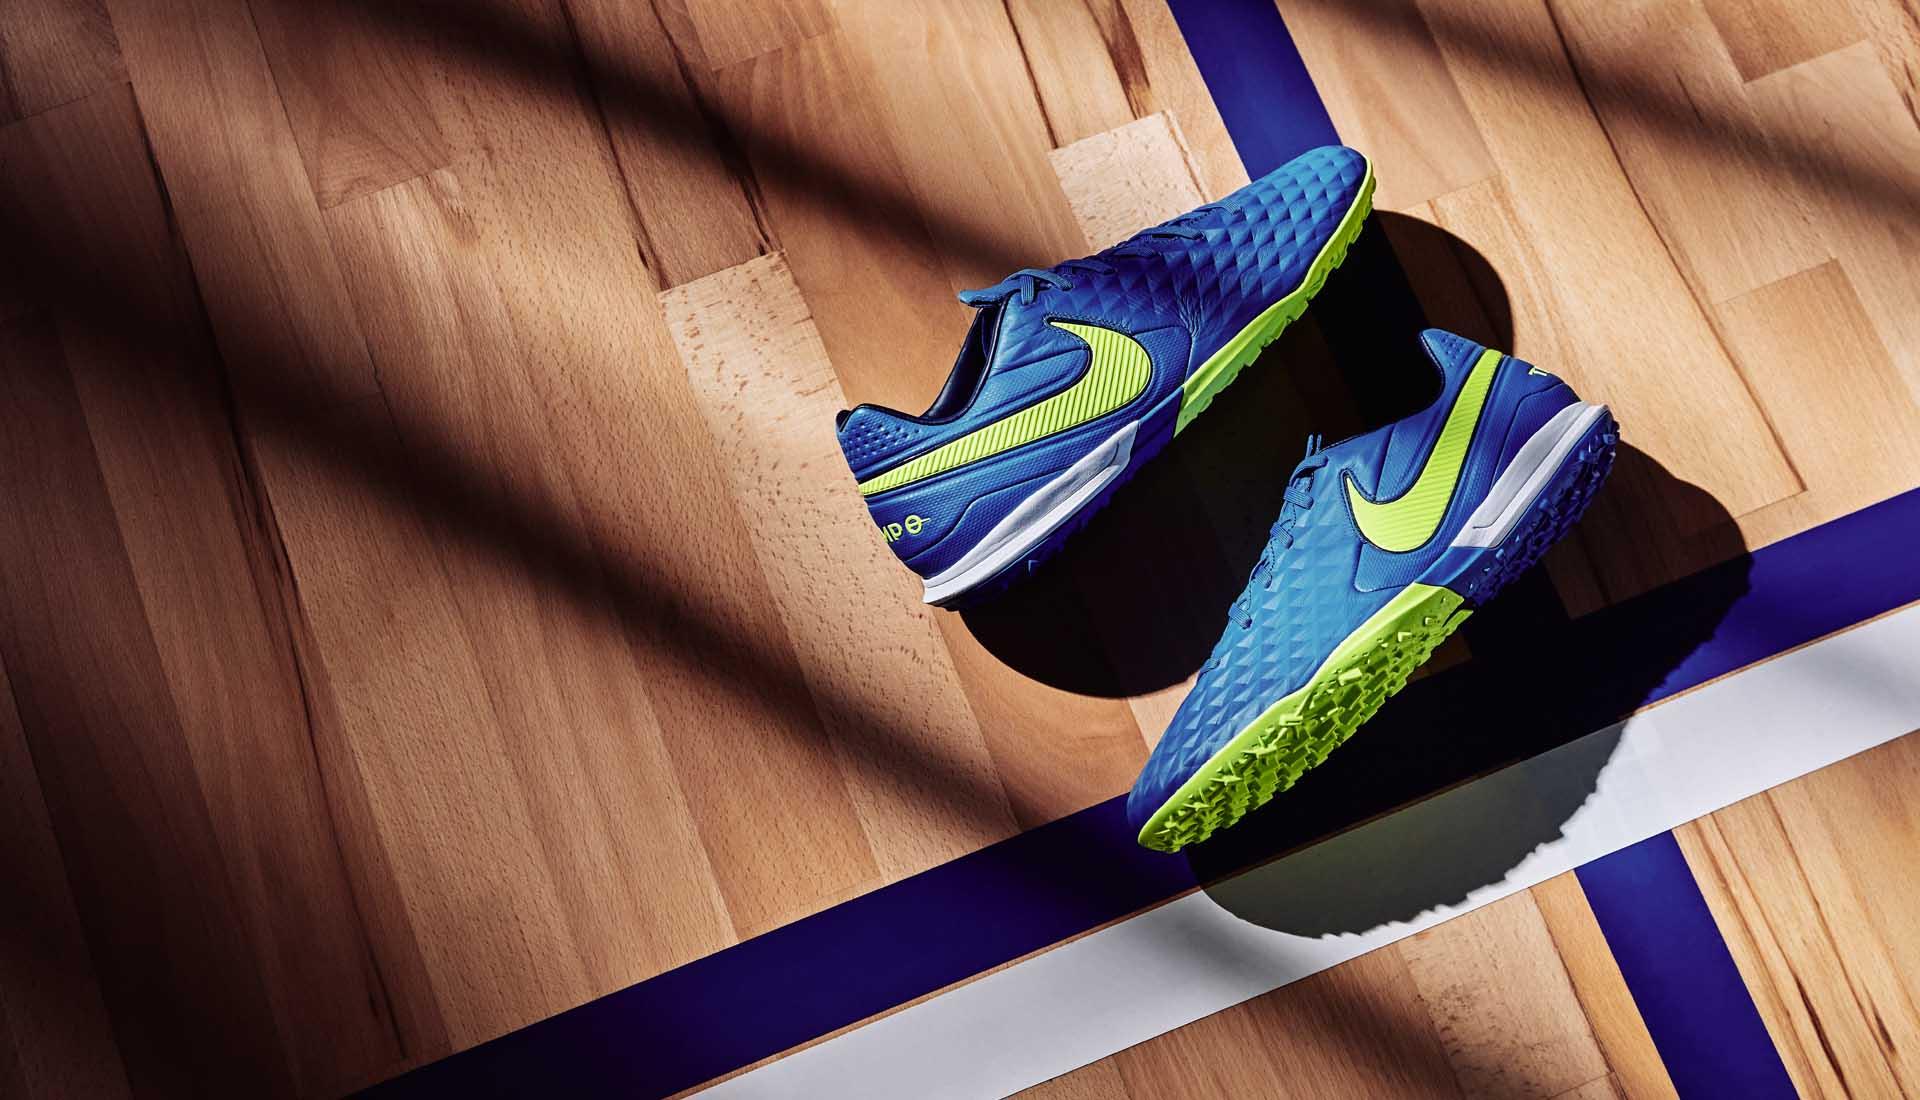 Giày đá bóng sân cỏ nhân tạo Nike loại đẹp chất lượng